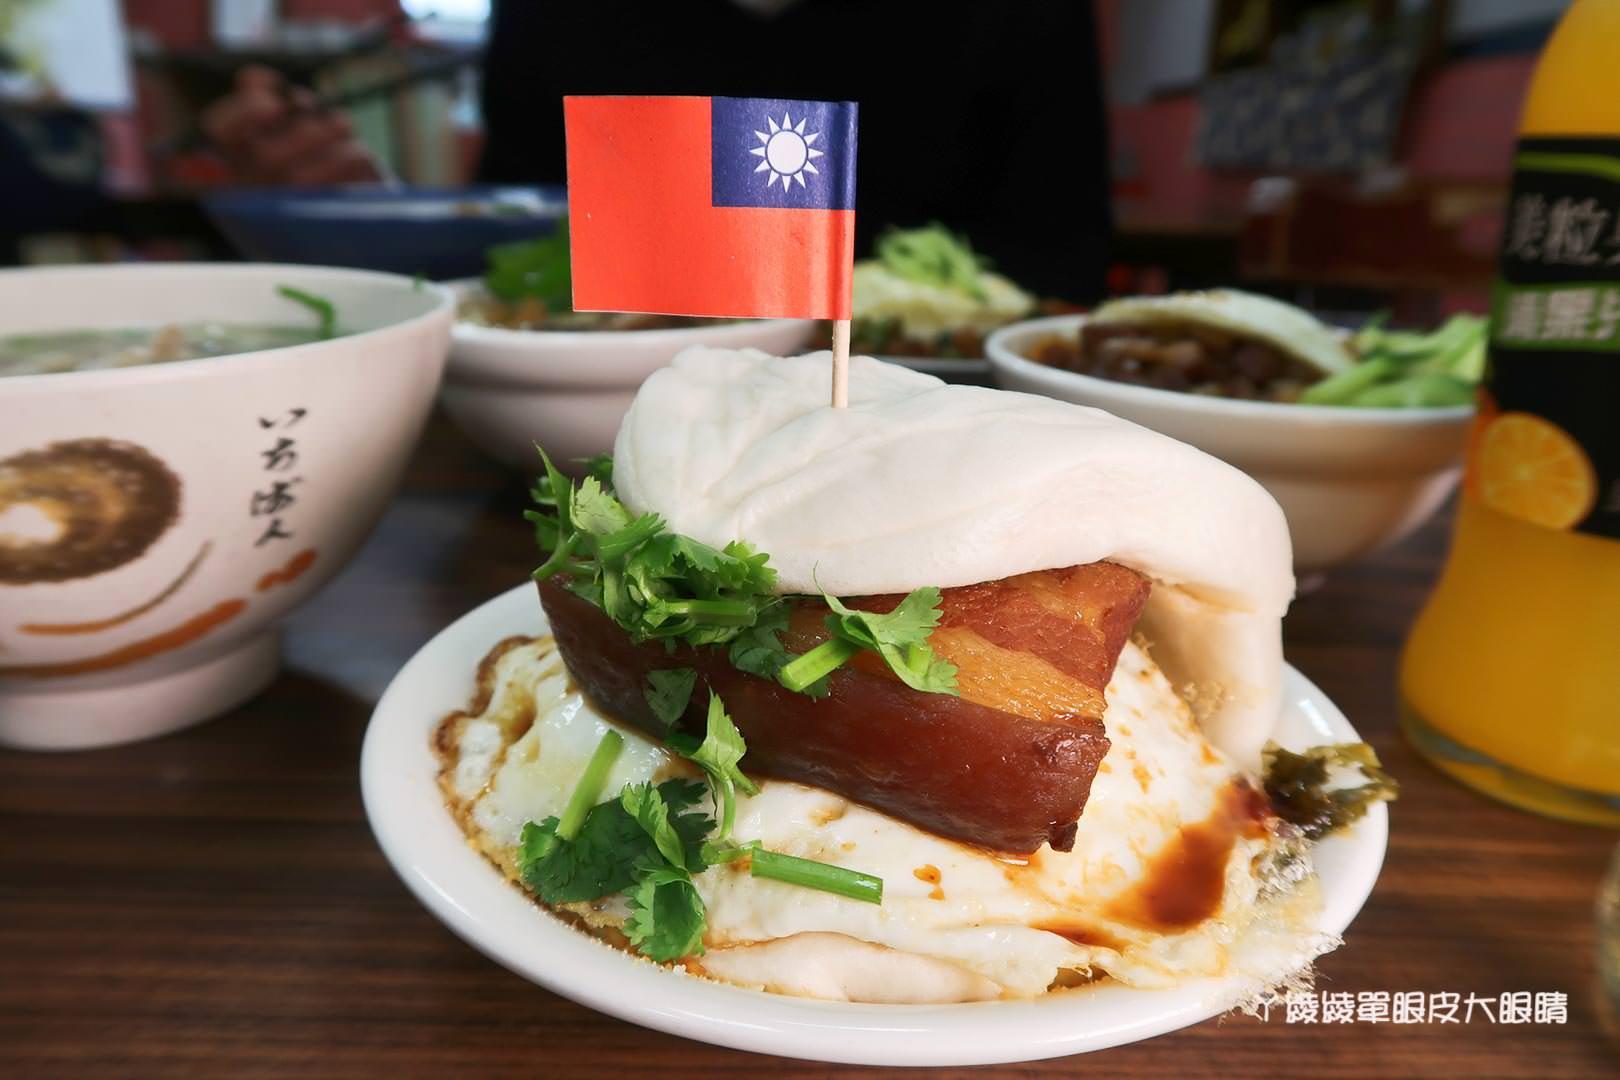 新竹美食小吃推薦禾日香魯肉飯!CP值爆高的海鮮什錦麵,還有超犯規的太陽刈包跟泰式打拋豬飯